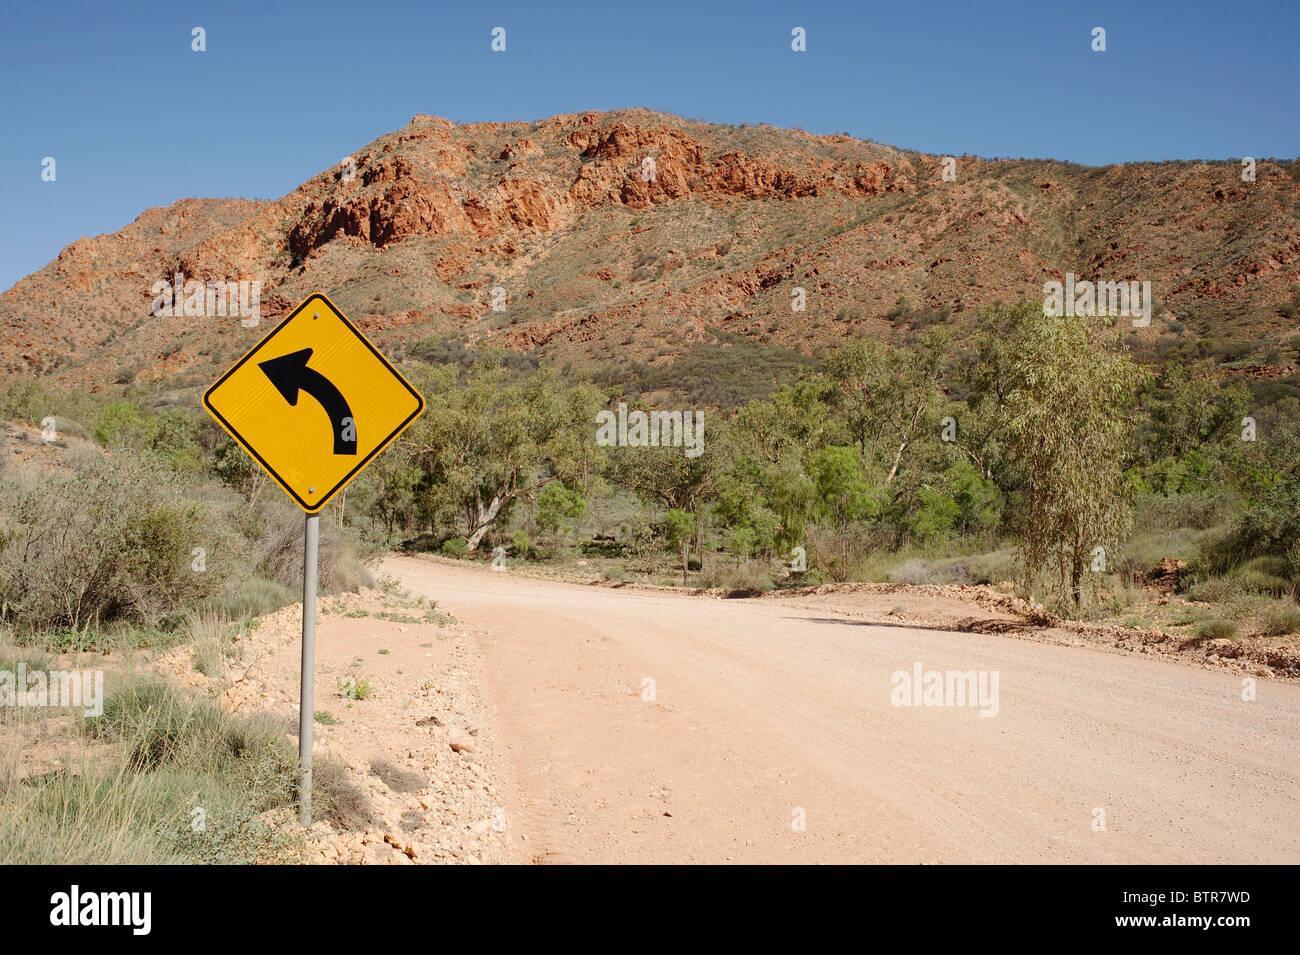 L'Australie, N'Dhala Gorge, signe de la courbe avec la route Photo Stock